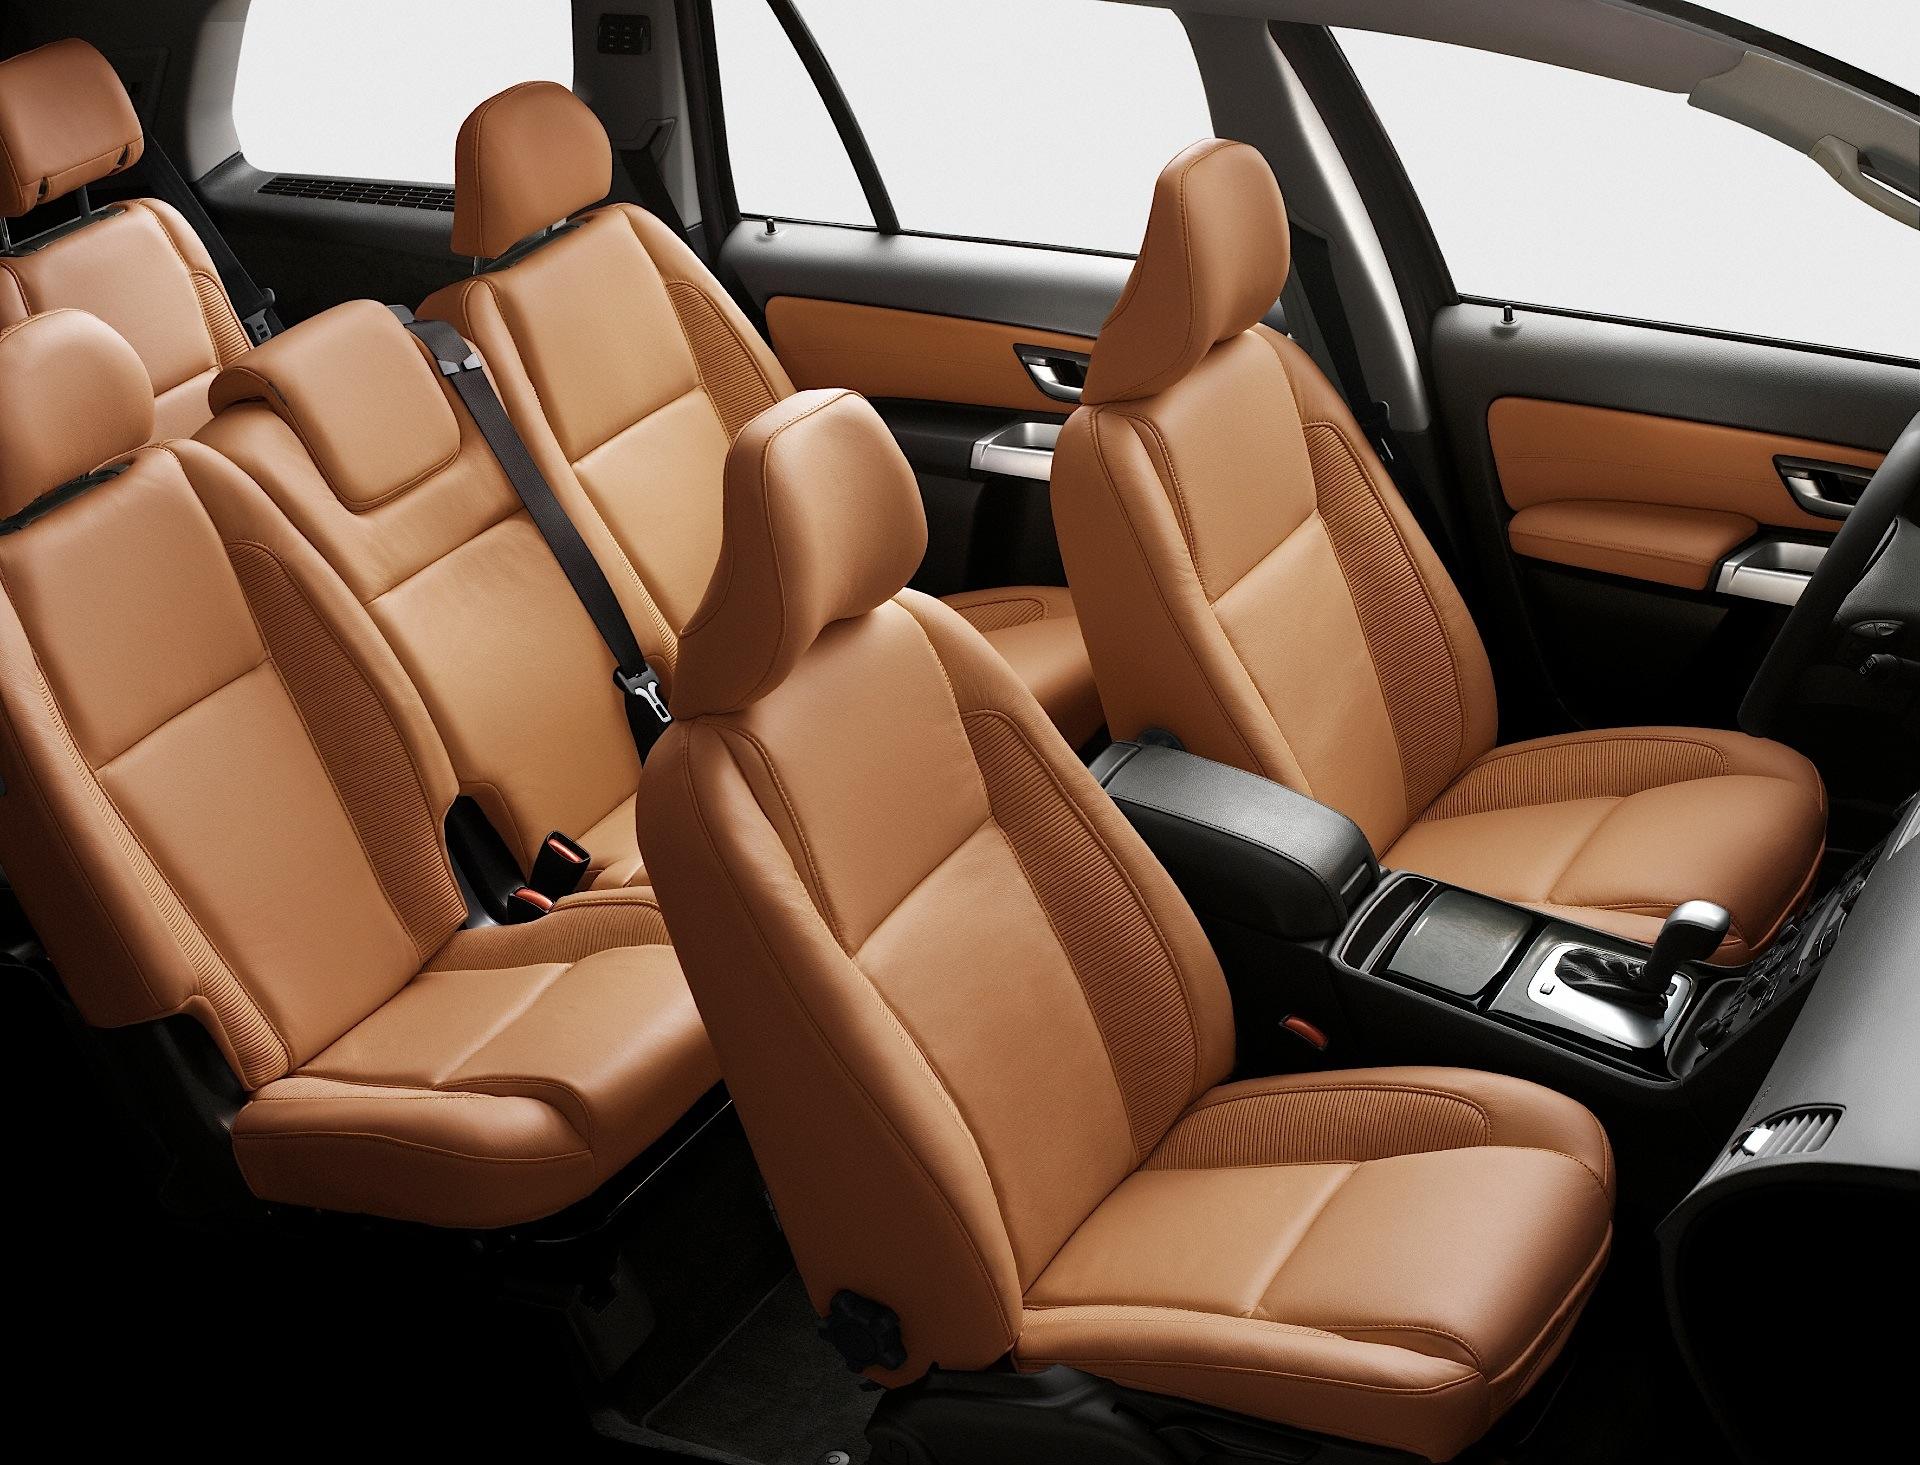 2006 Volvo Xc90 >> VOLVO XC90 - 2002, 2003, 2004, 2005, 2006 - autoevolution